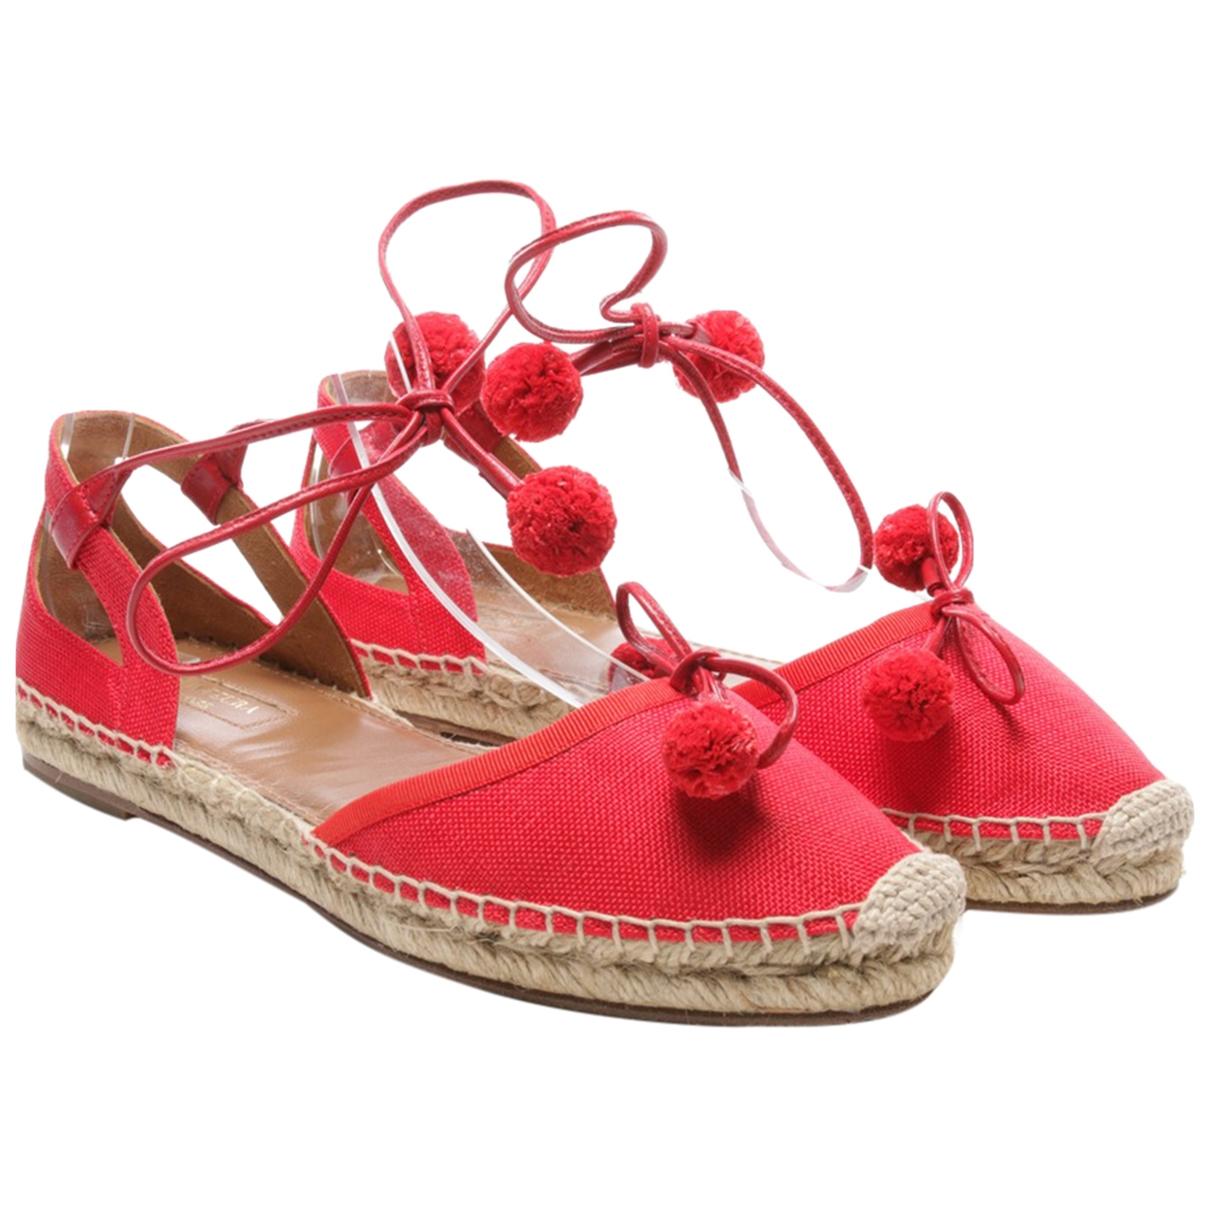 Aquazzura - Espadrilles   pour femme en toile - rouge